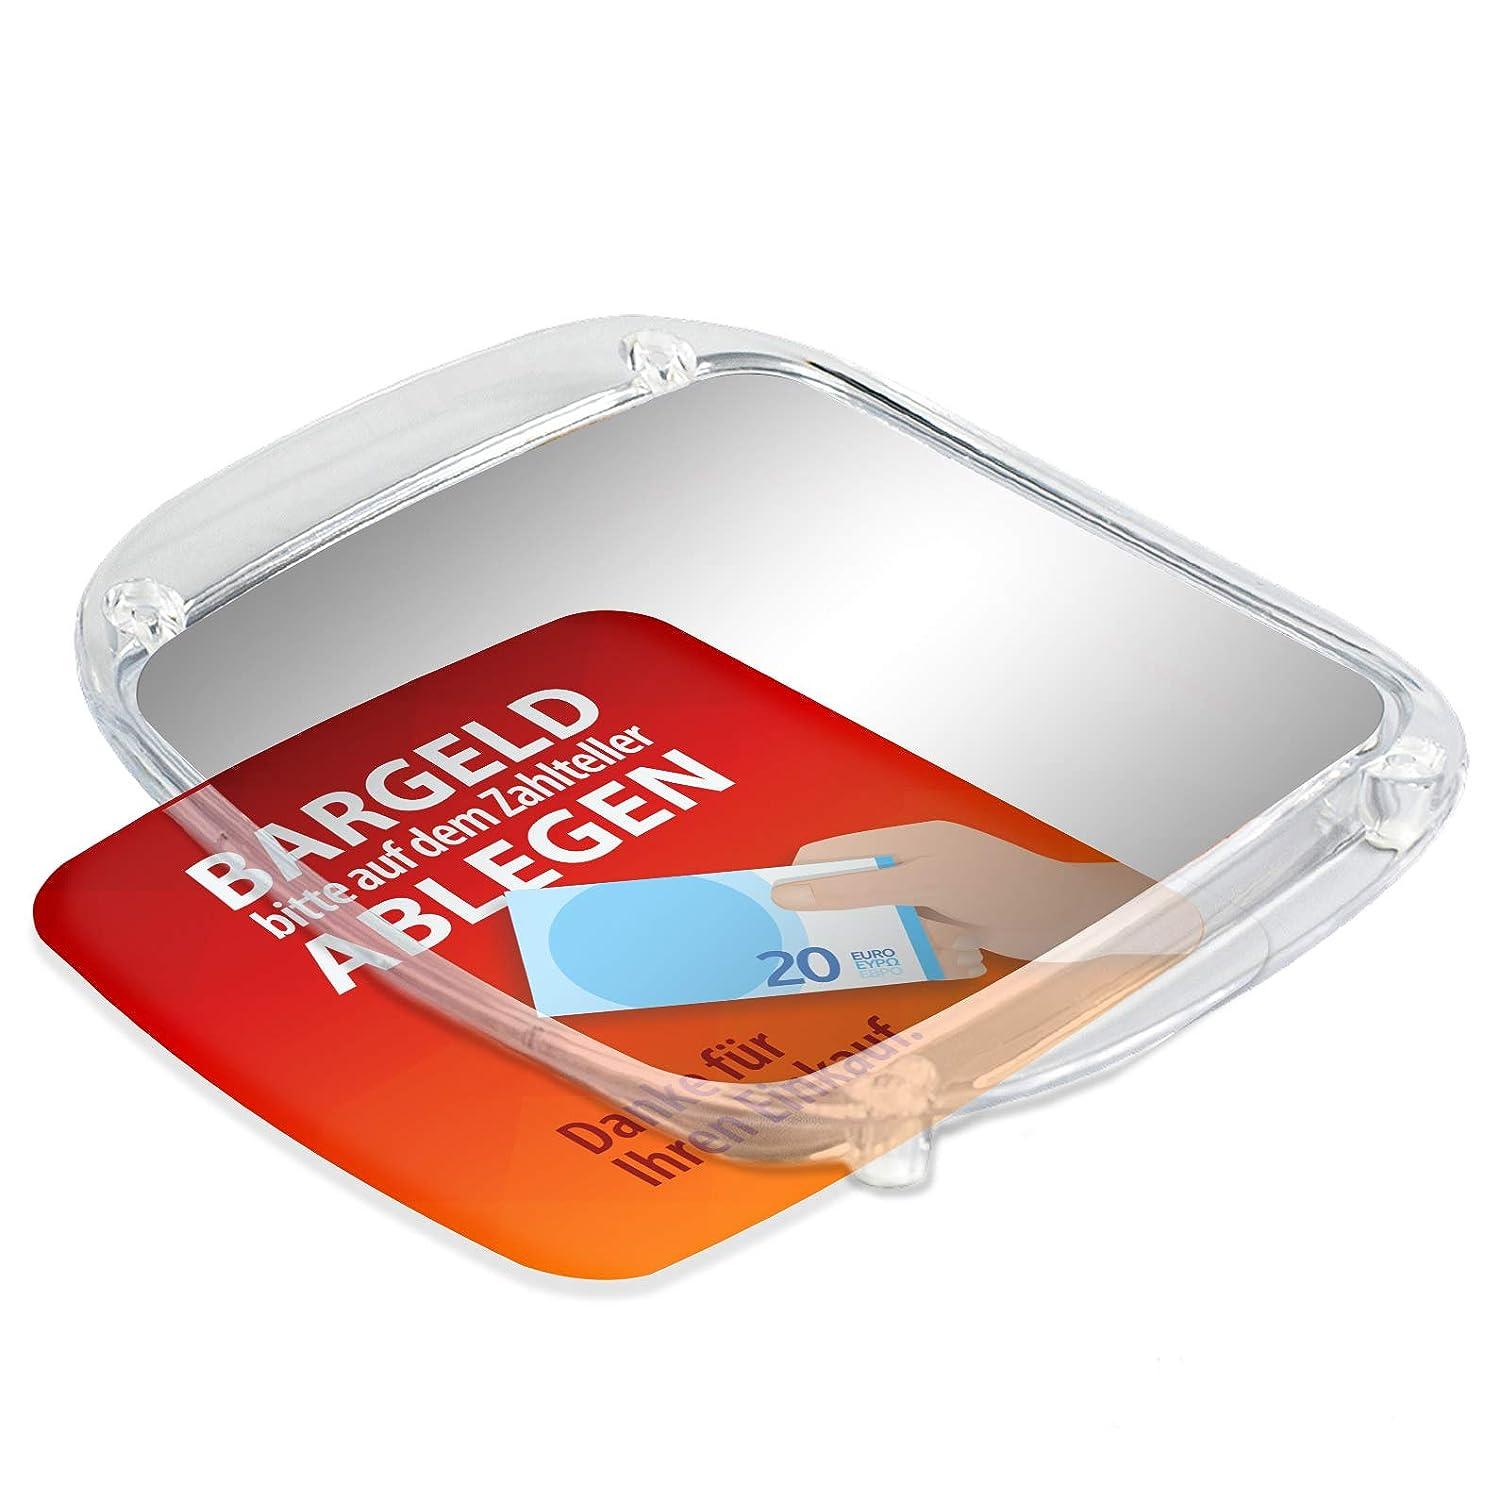 Bitte Bargeld an der Kasse ablegen Händekontakt vermeiden Zahlteller